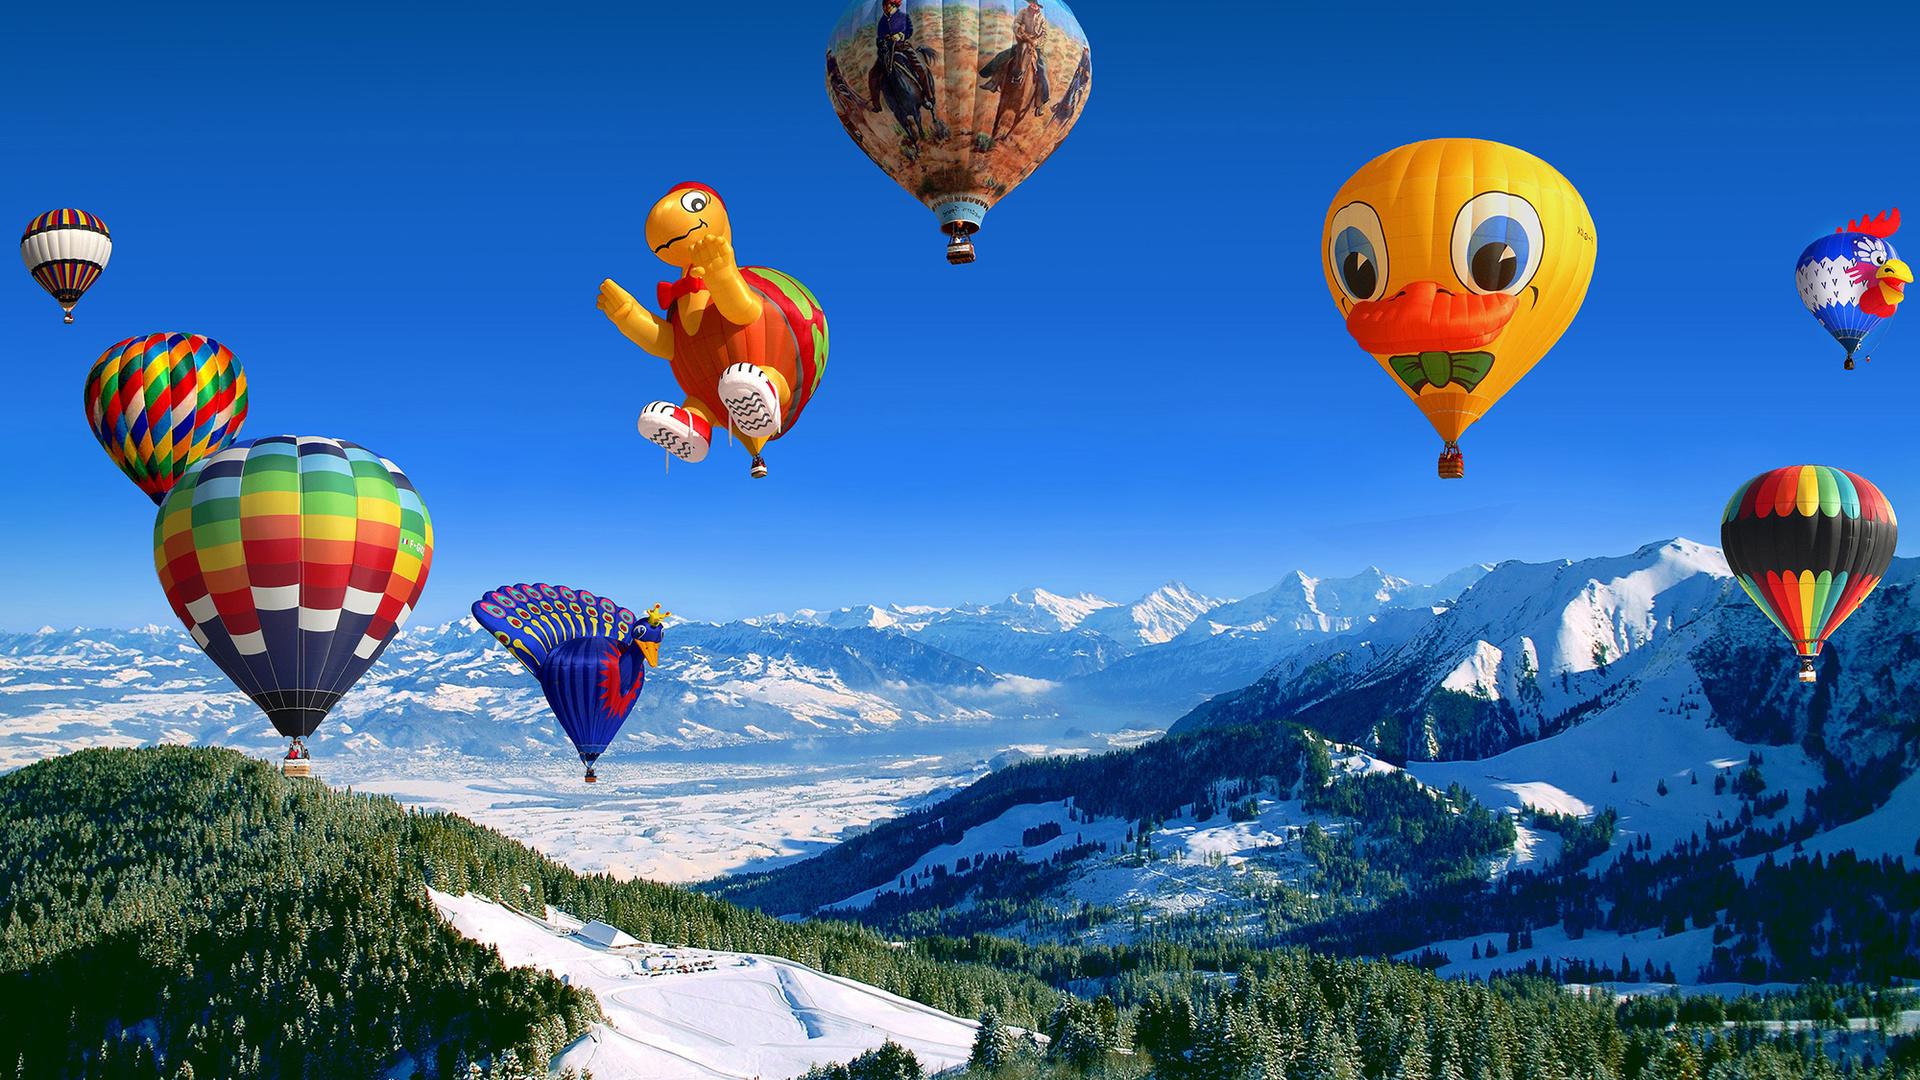 картинка с летающими шарами размеров